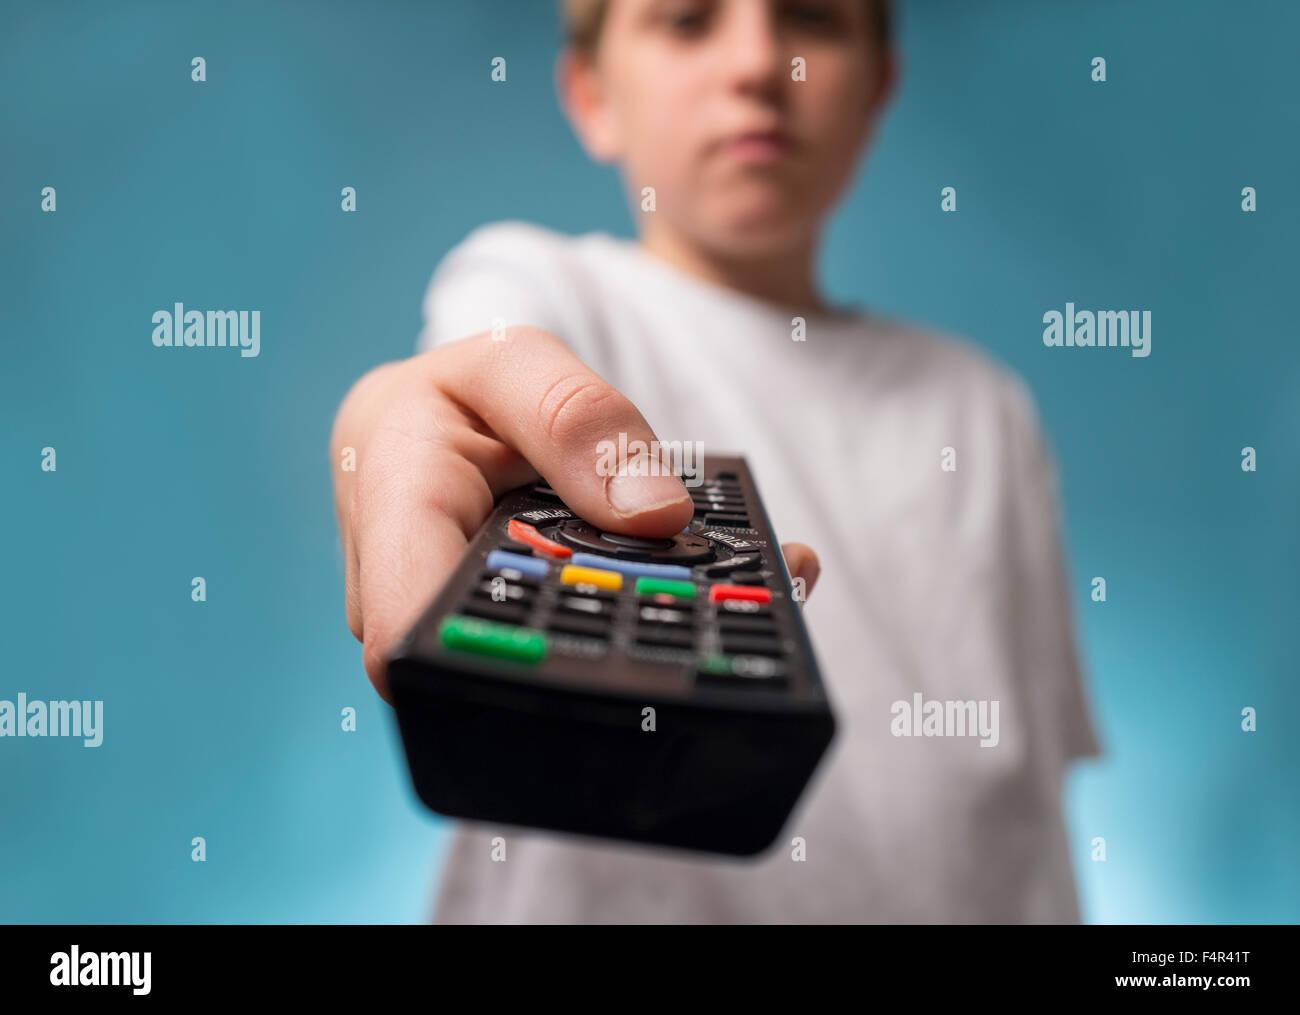 Un annoiato ragazzo cambiando canali utilizzando un telecomando del televisore Immagini Stock